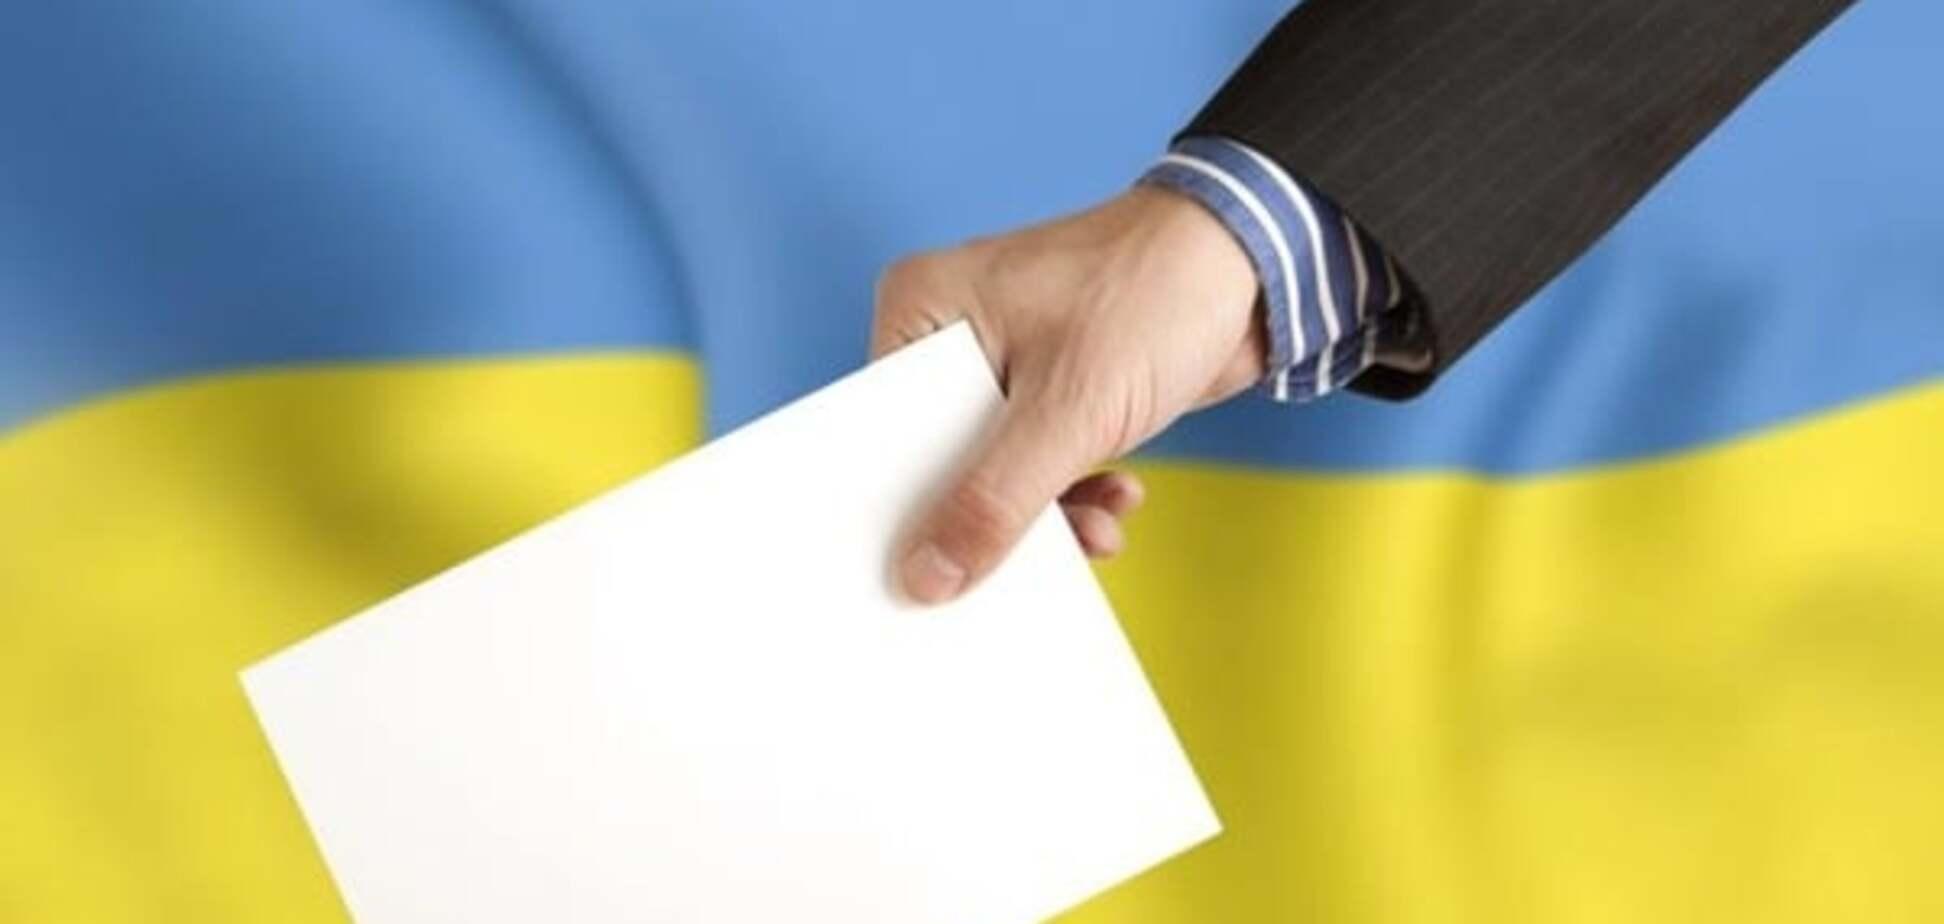 Обов'язкова явка на вибори, референдуми та стале законодавство – норми, потрібні Україні